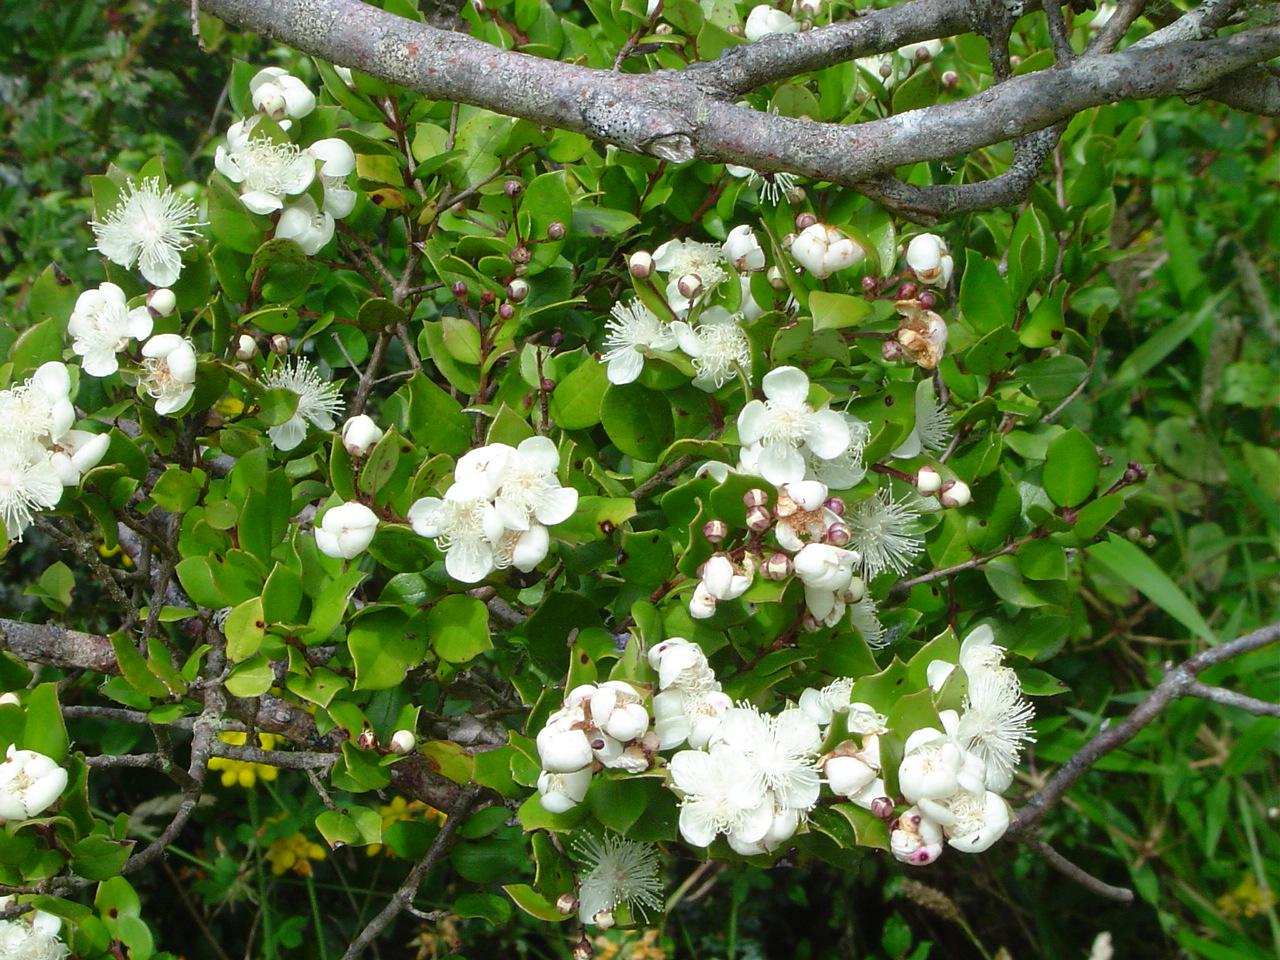 Archivo:Luma apiculata-Arrayán (flor).JPG - Wikipedia, la ...